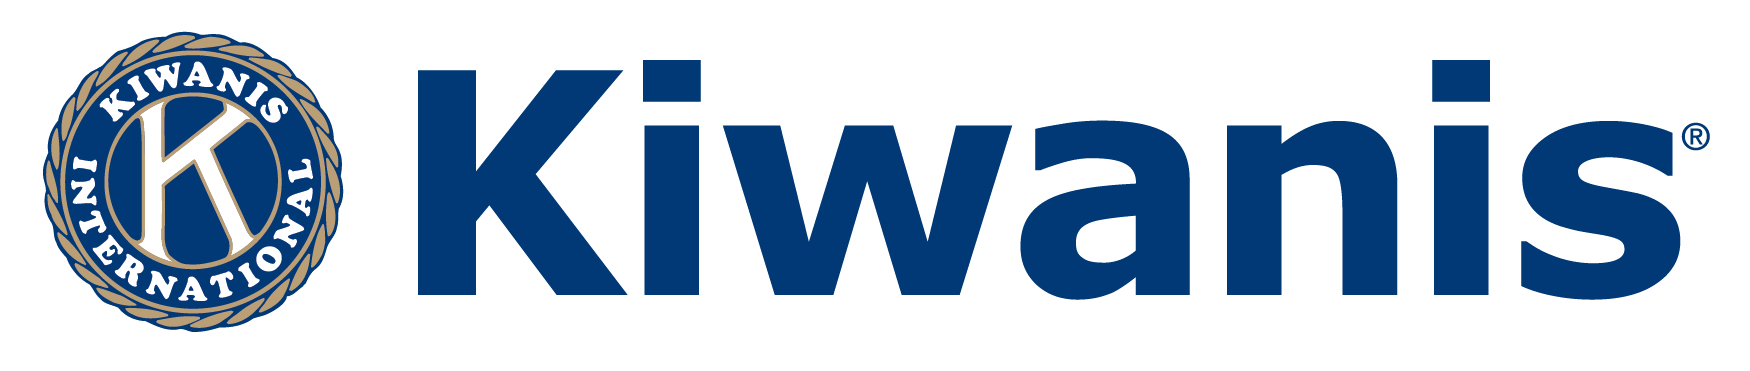 Kiwanis Club of Waynesboro